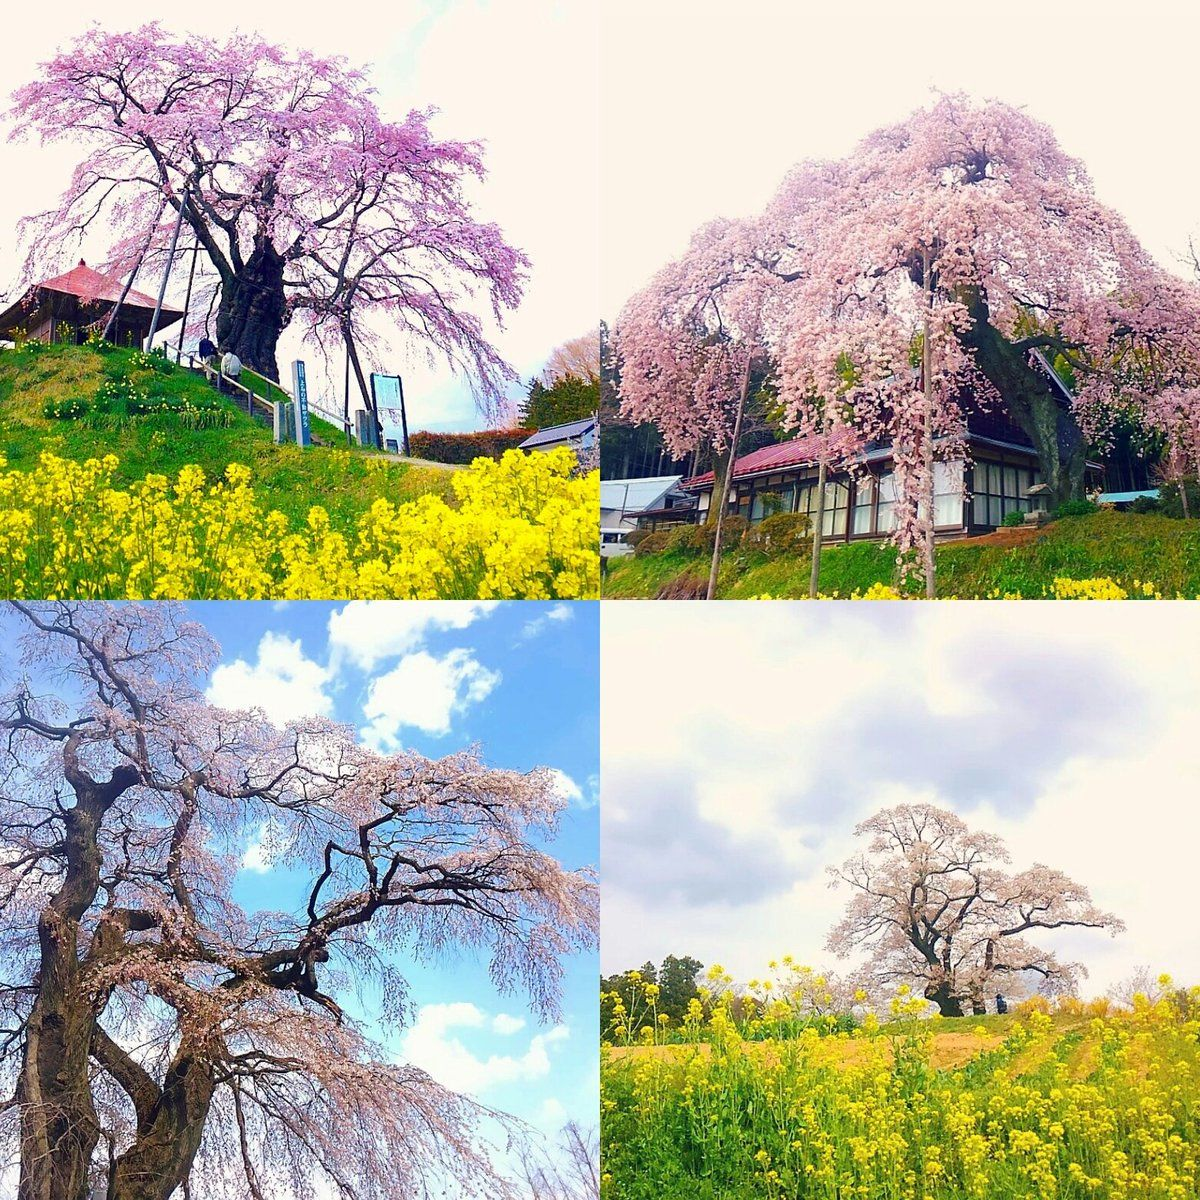 """デューク天照さんのツイート: """"福島県は一本桜の数が日本一。バスは1日3本しかないし最寄り駅まで歩いて2時間くらいかかるド田舎だけど、桜の季節だけは福島に住んでて良かった!ってなります。#東北でよかった https://t.co/k5SyIuO3nY"""""""